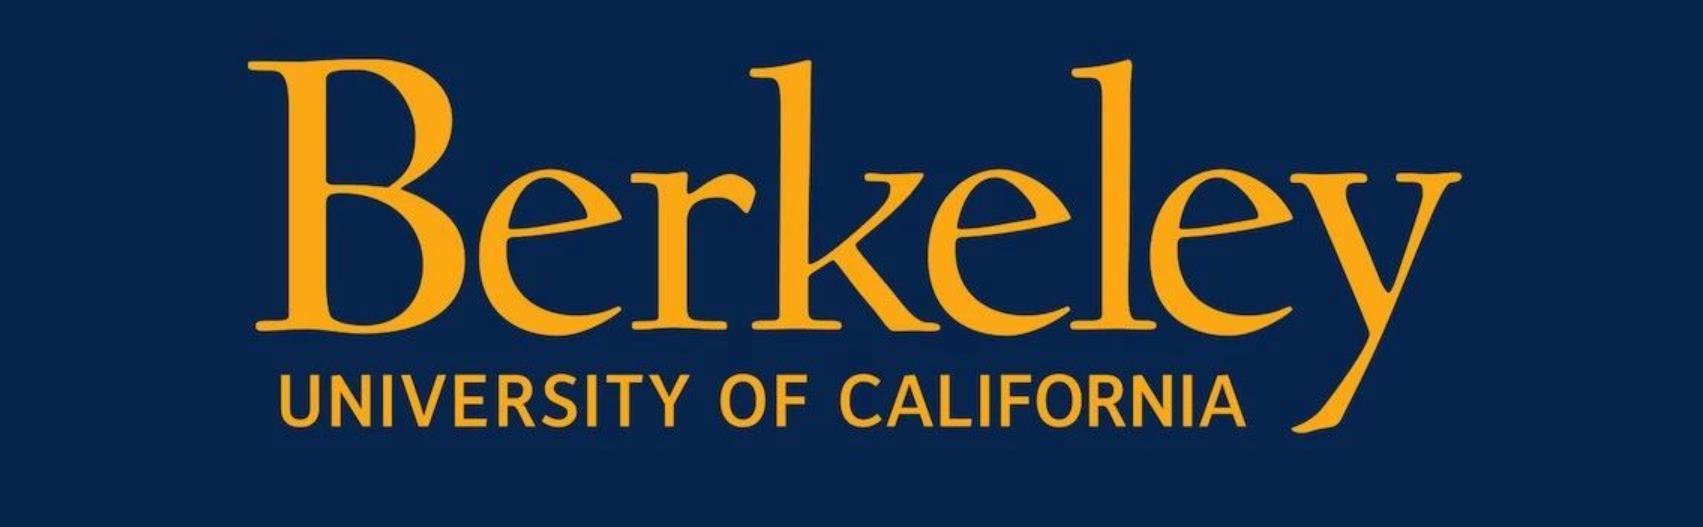 加州大学伯克利分校排名作假,USNEWS 是如何计算排名的?